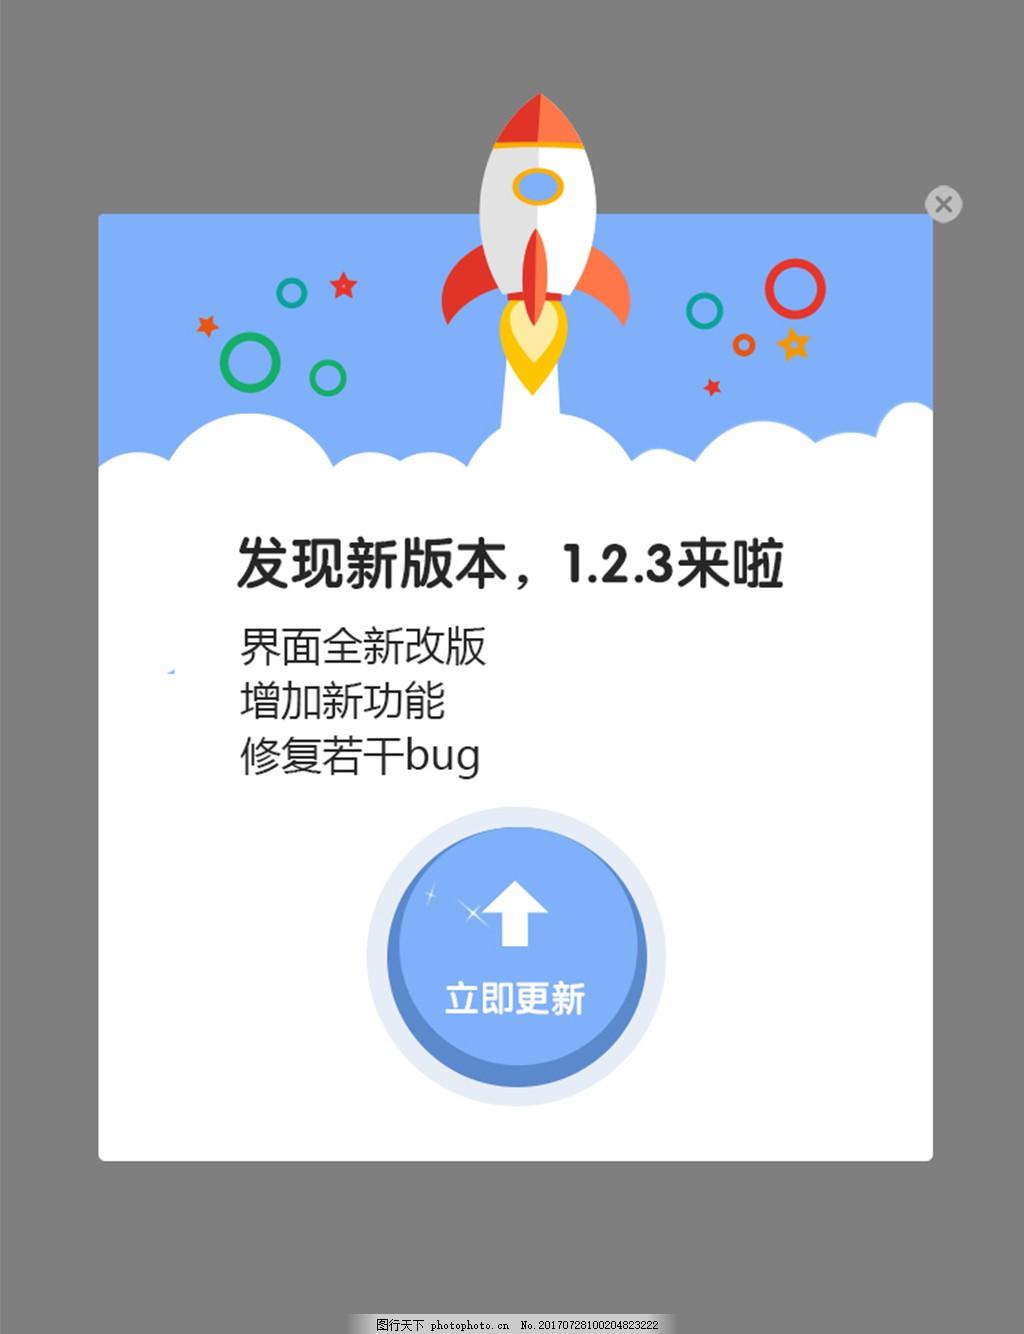 app版本更新弹窗提示